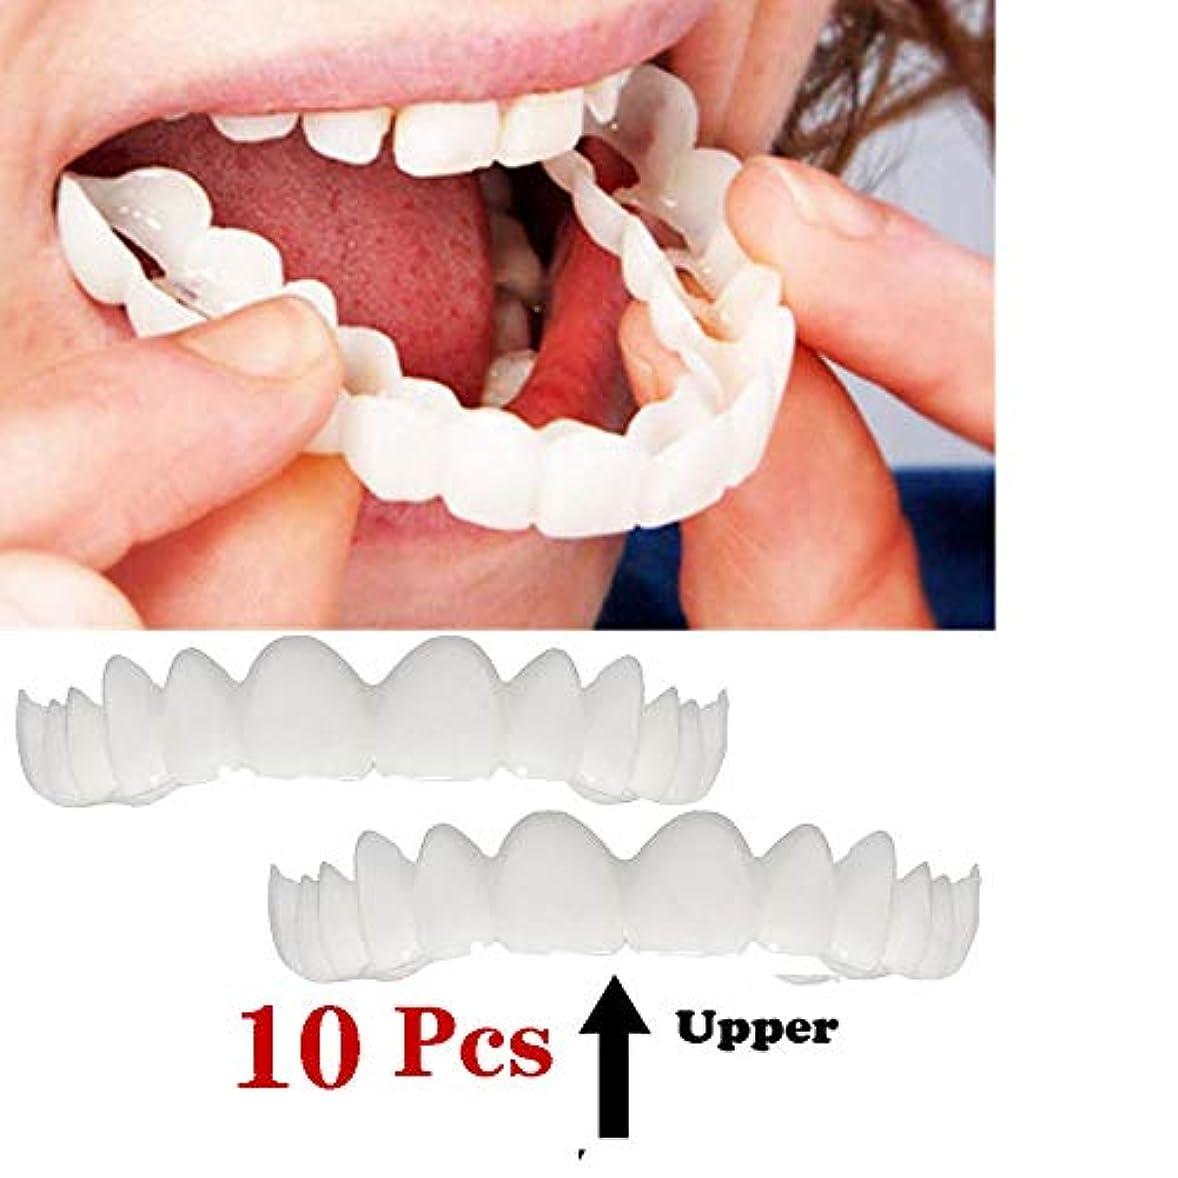 診断するセラー捧げるシリコンベニヤティース偽の歯パーフェクトスマイルベニヤストック補正矯正義歯悪い義歯ベニヤベニヤ歯ホワイトニング